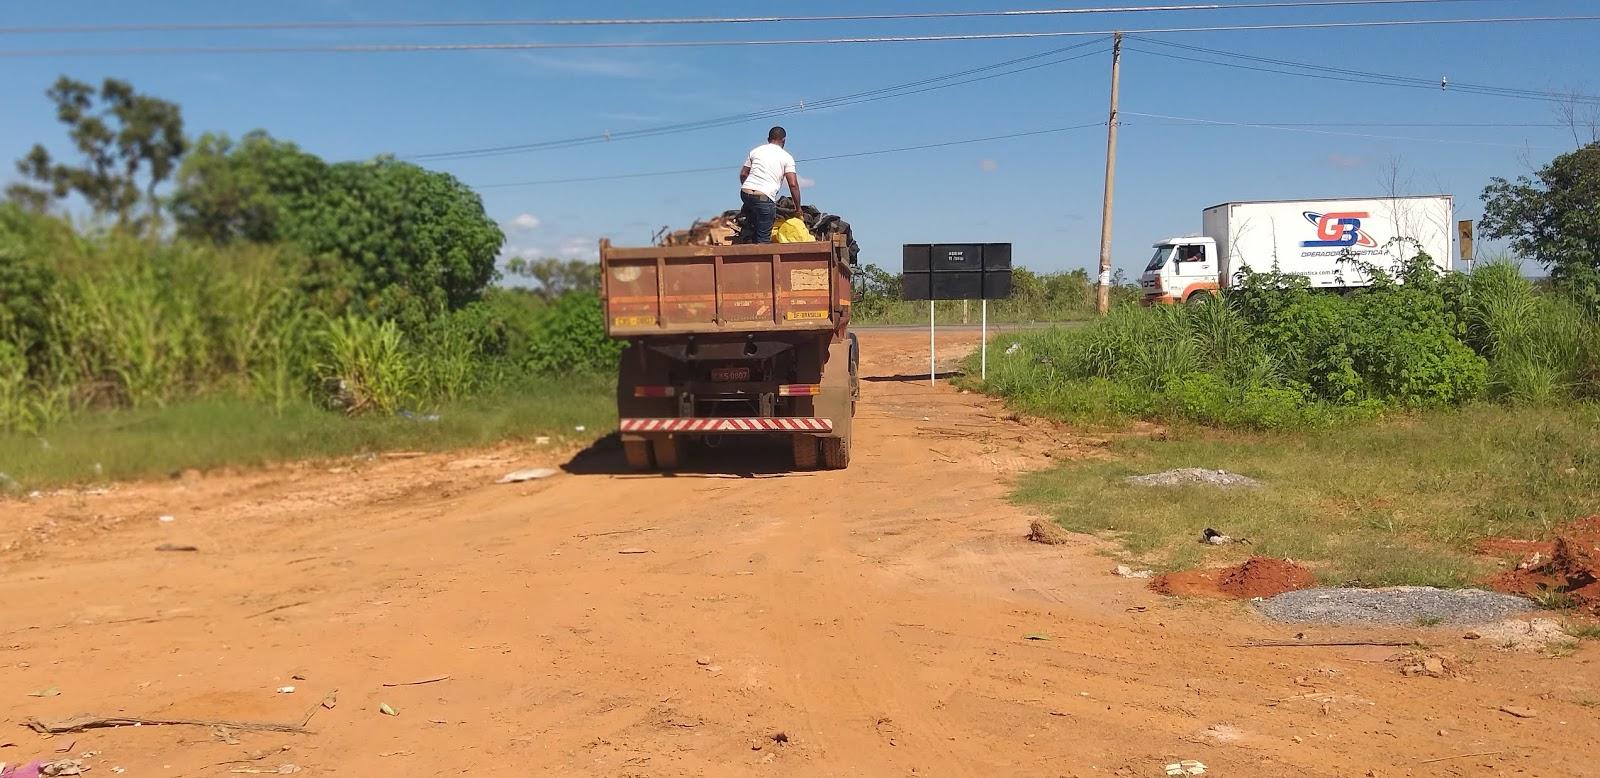 20190114 103617 - O administrador regional do Jardim Botânico, João Carlos Lóssio lançou, nesta segunda feira, ações de limpeza nas ruas que acontecerão de 14 a 16 de janeiro de 2019. SOS DF